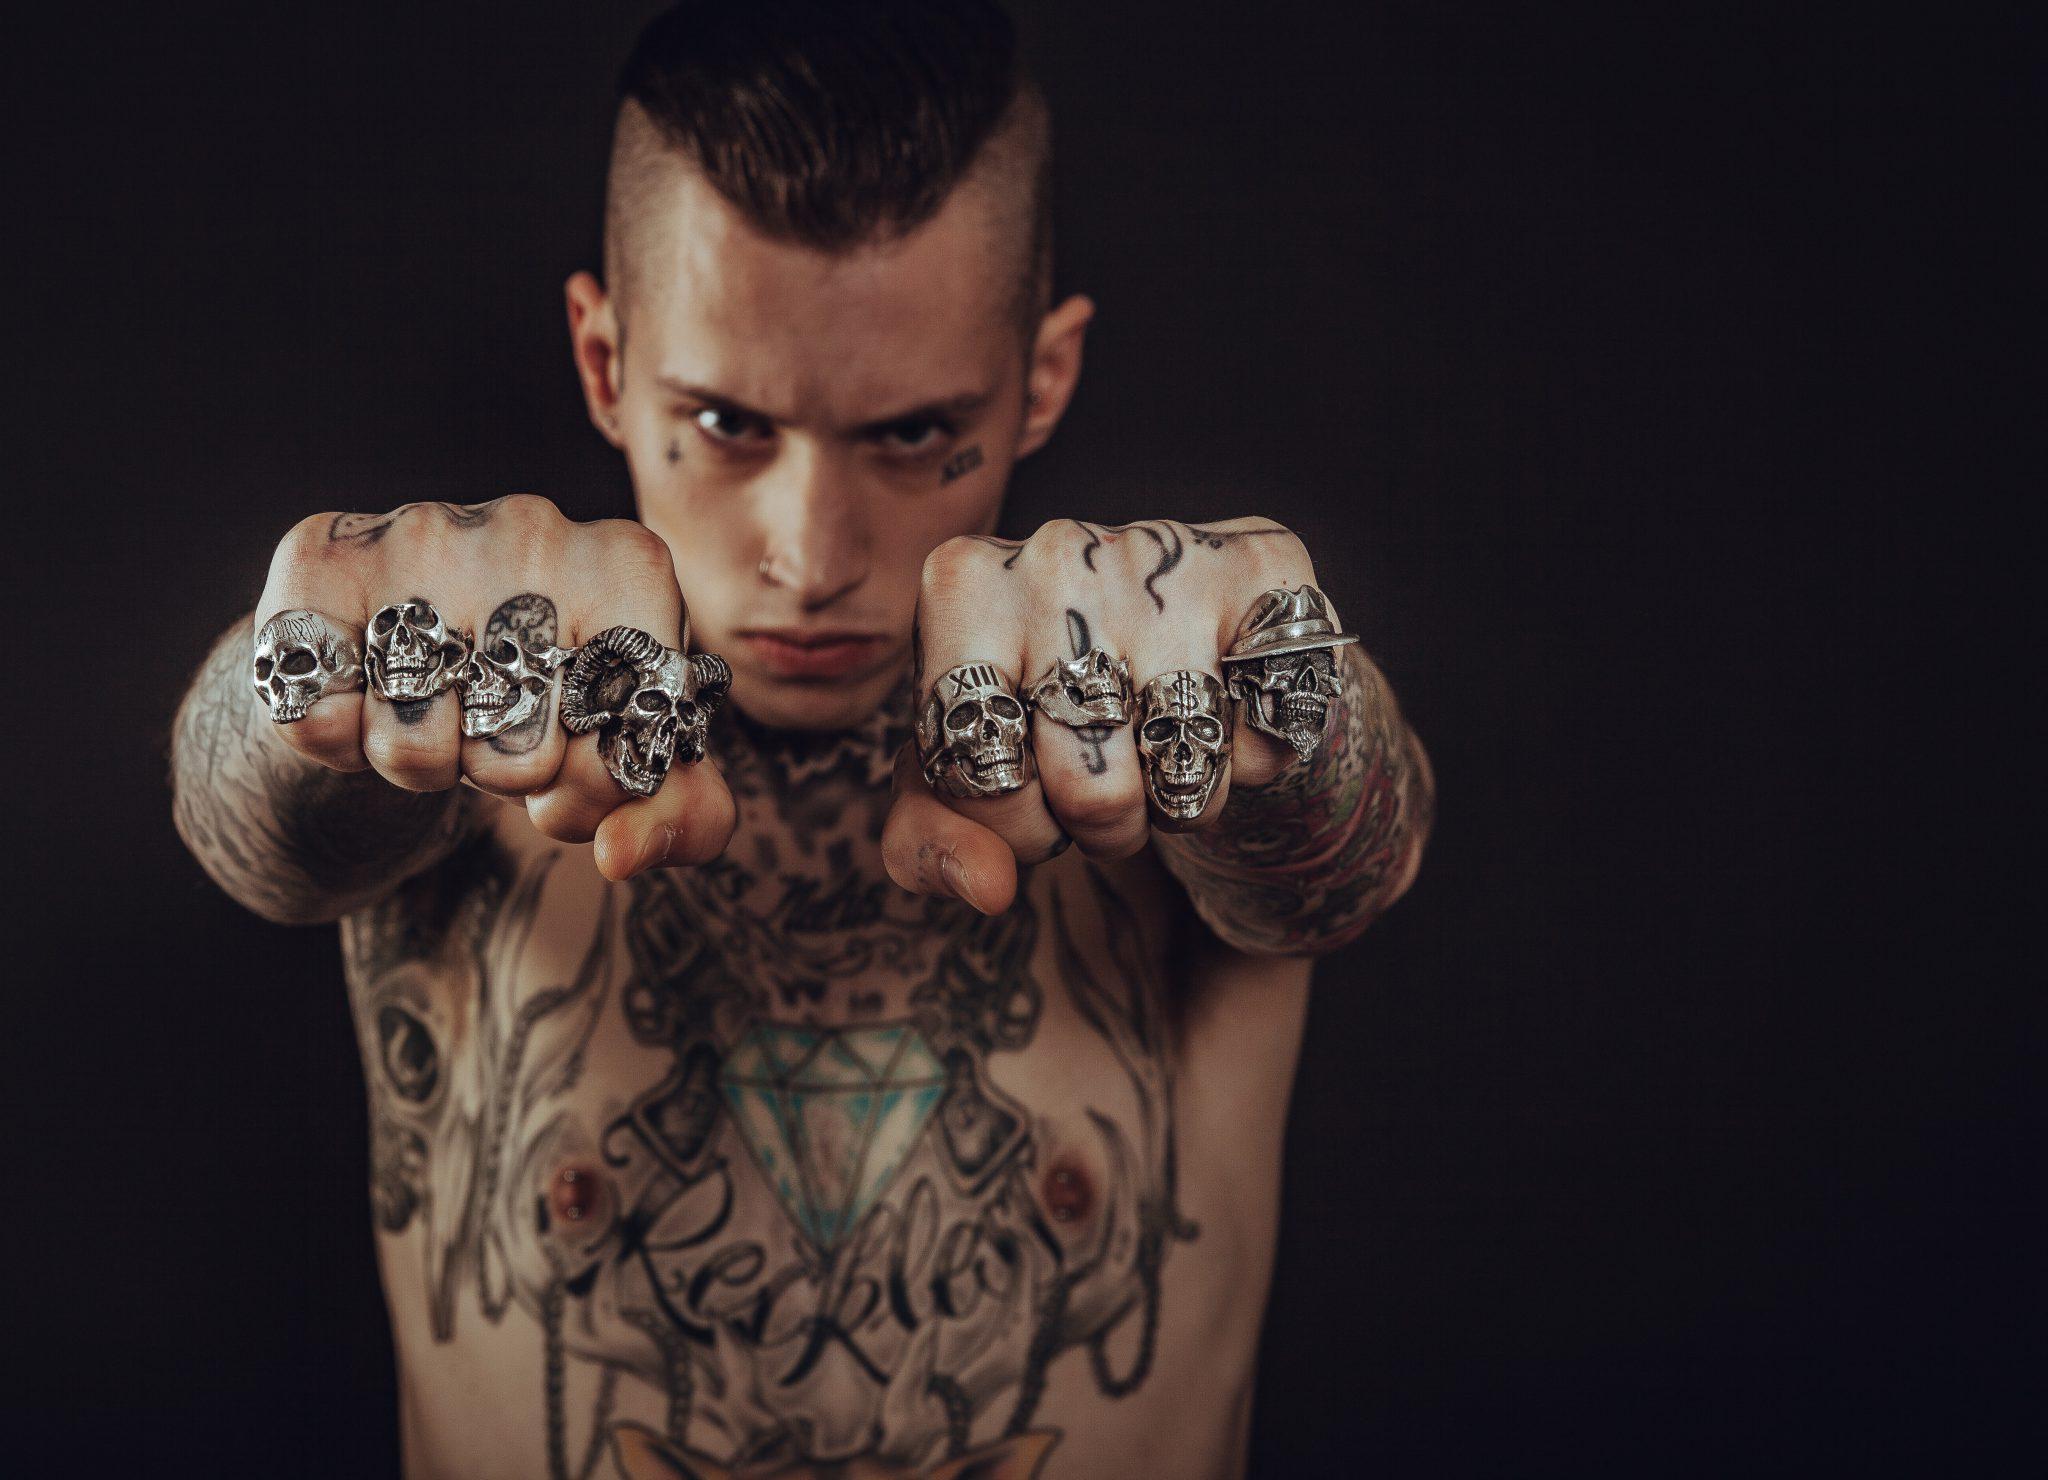 Tatuaże Na żebrach W Praktyce Oraz Pomysły Na Tatuaże Art Line